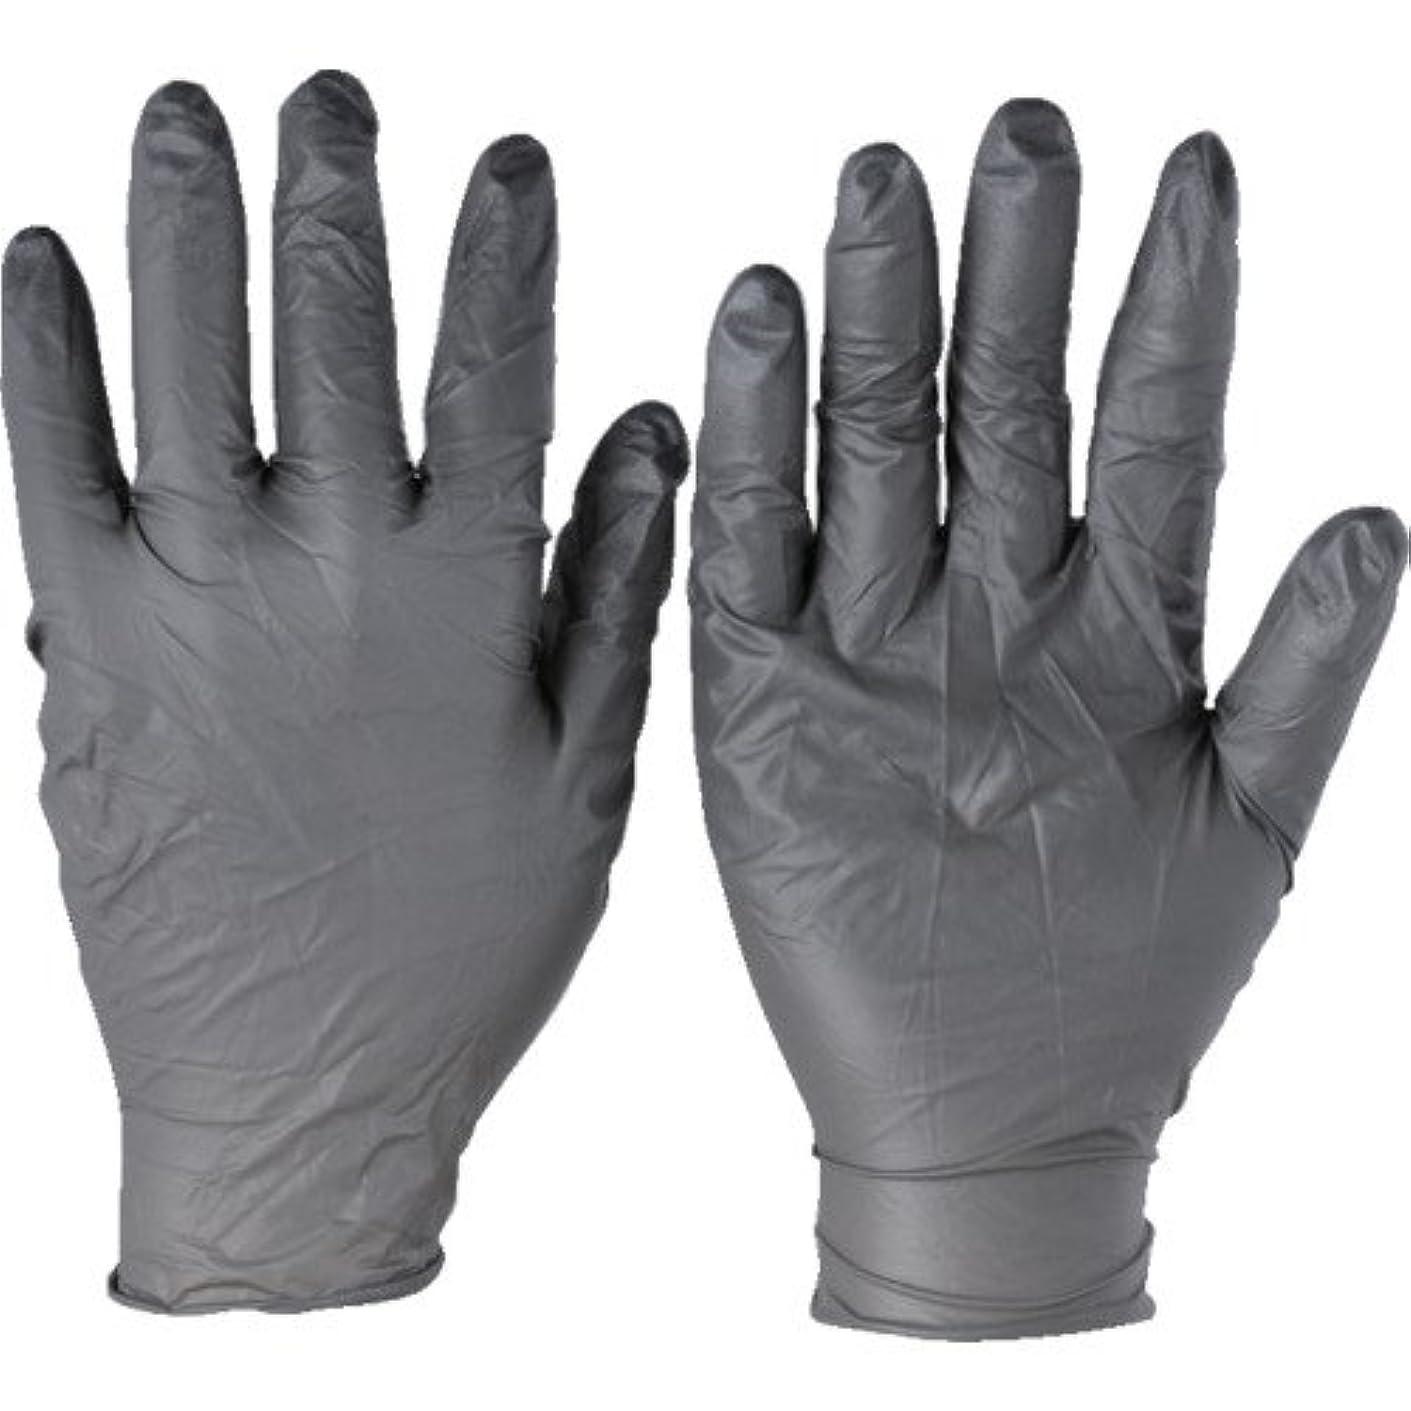 ビタミンダース慣れているトラスコ中山 アンセル ニトリルゴム使い捨て手袋 タッチエヌタフ 粉無 Mサイズ 100枚入 932508